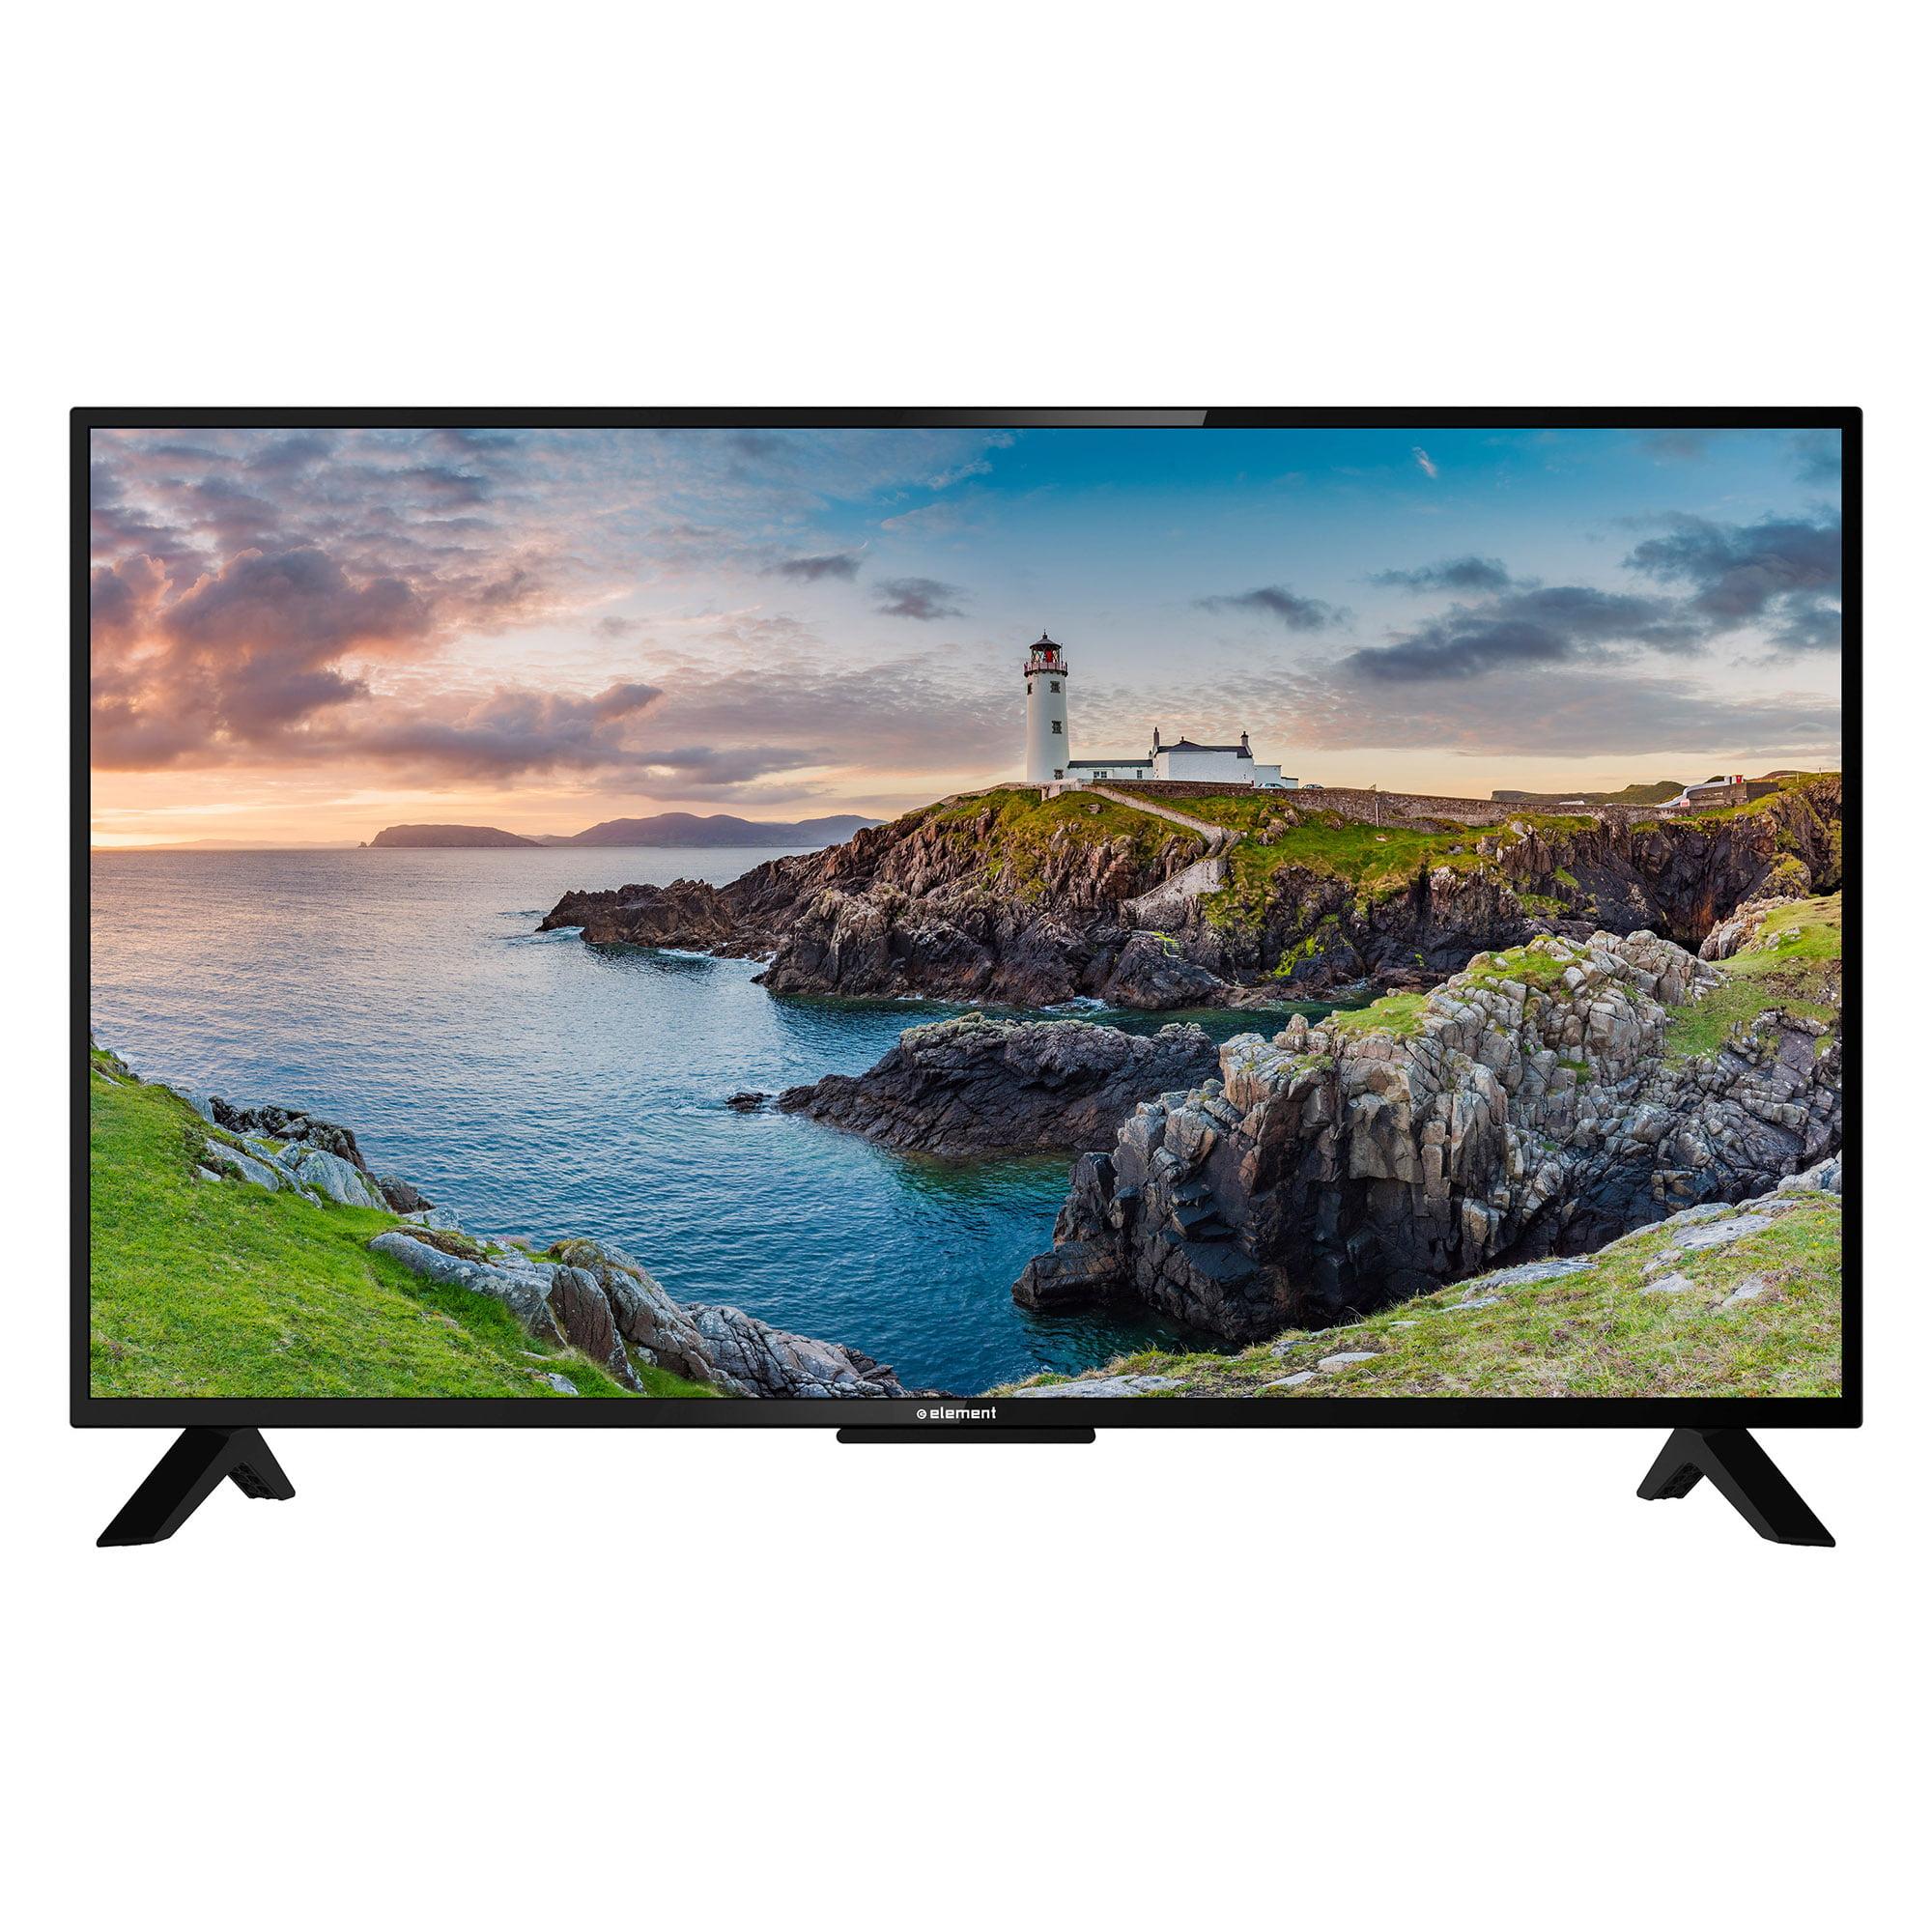 """ELEMENT 39"""" Class FHD (1080P) Smart LED TV (E2SW3918)"""